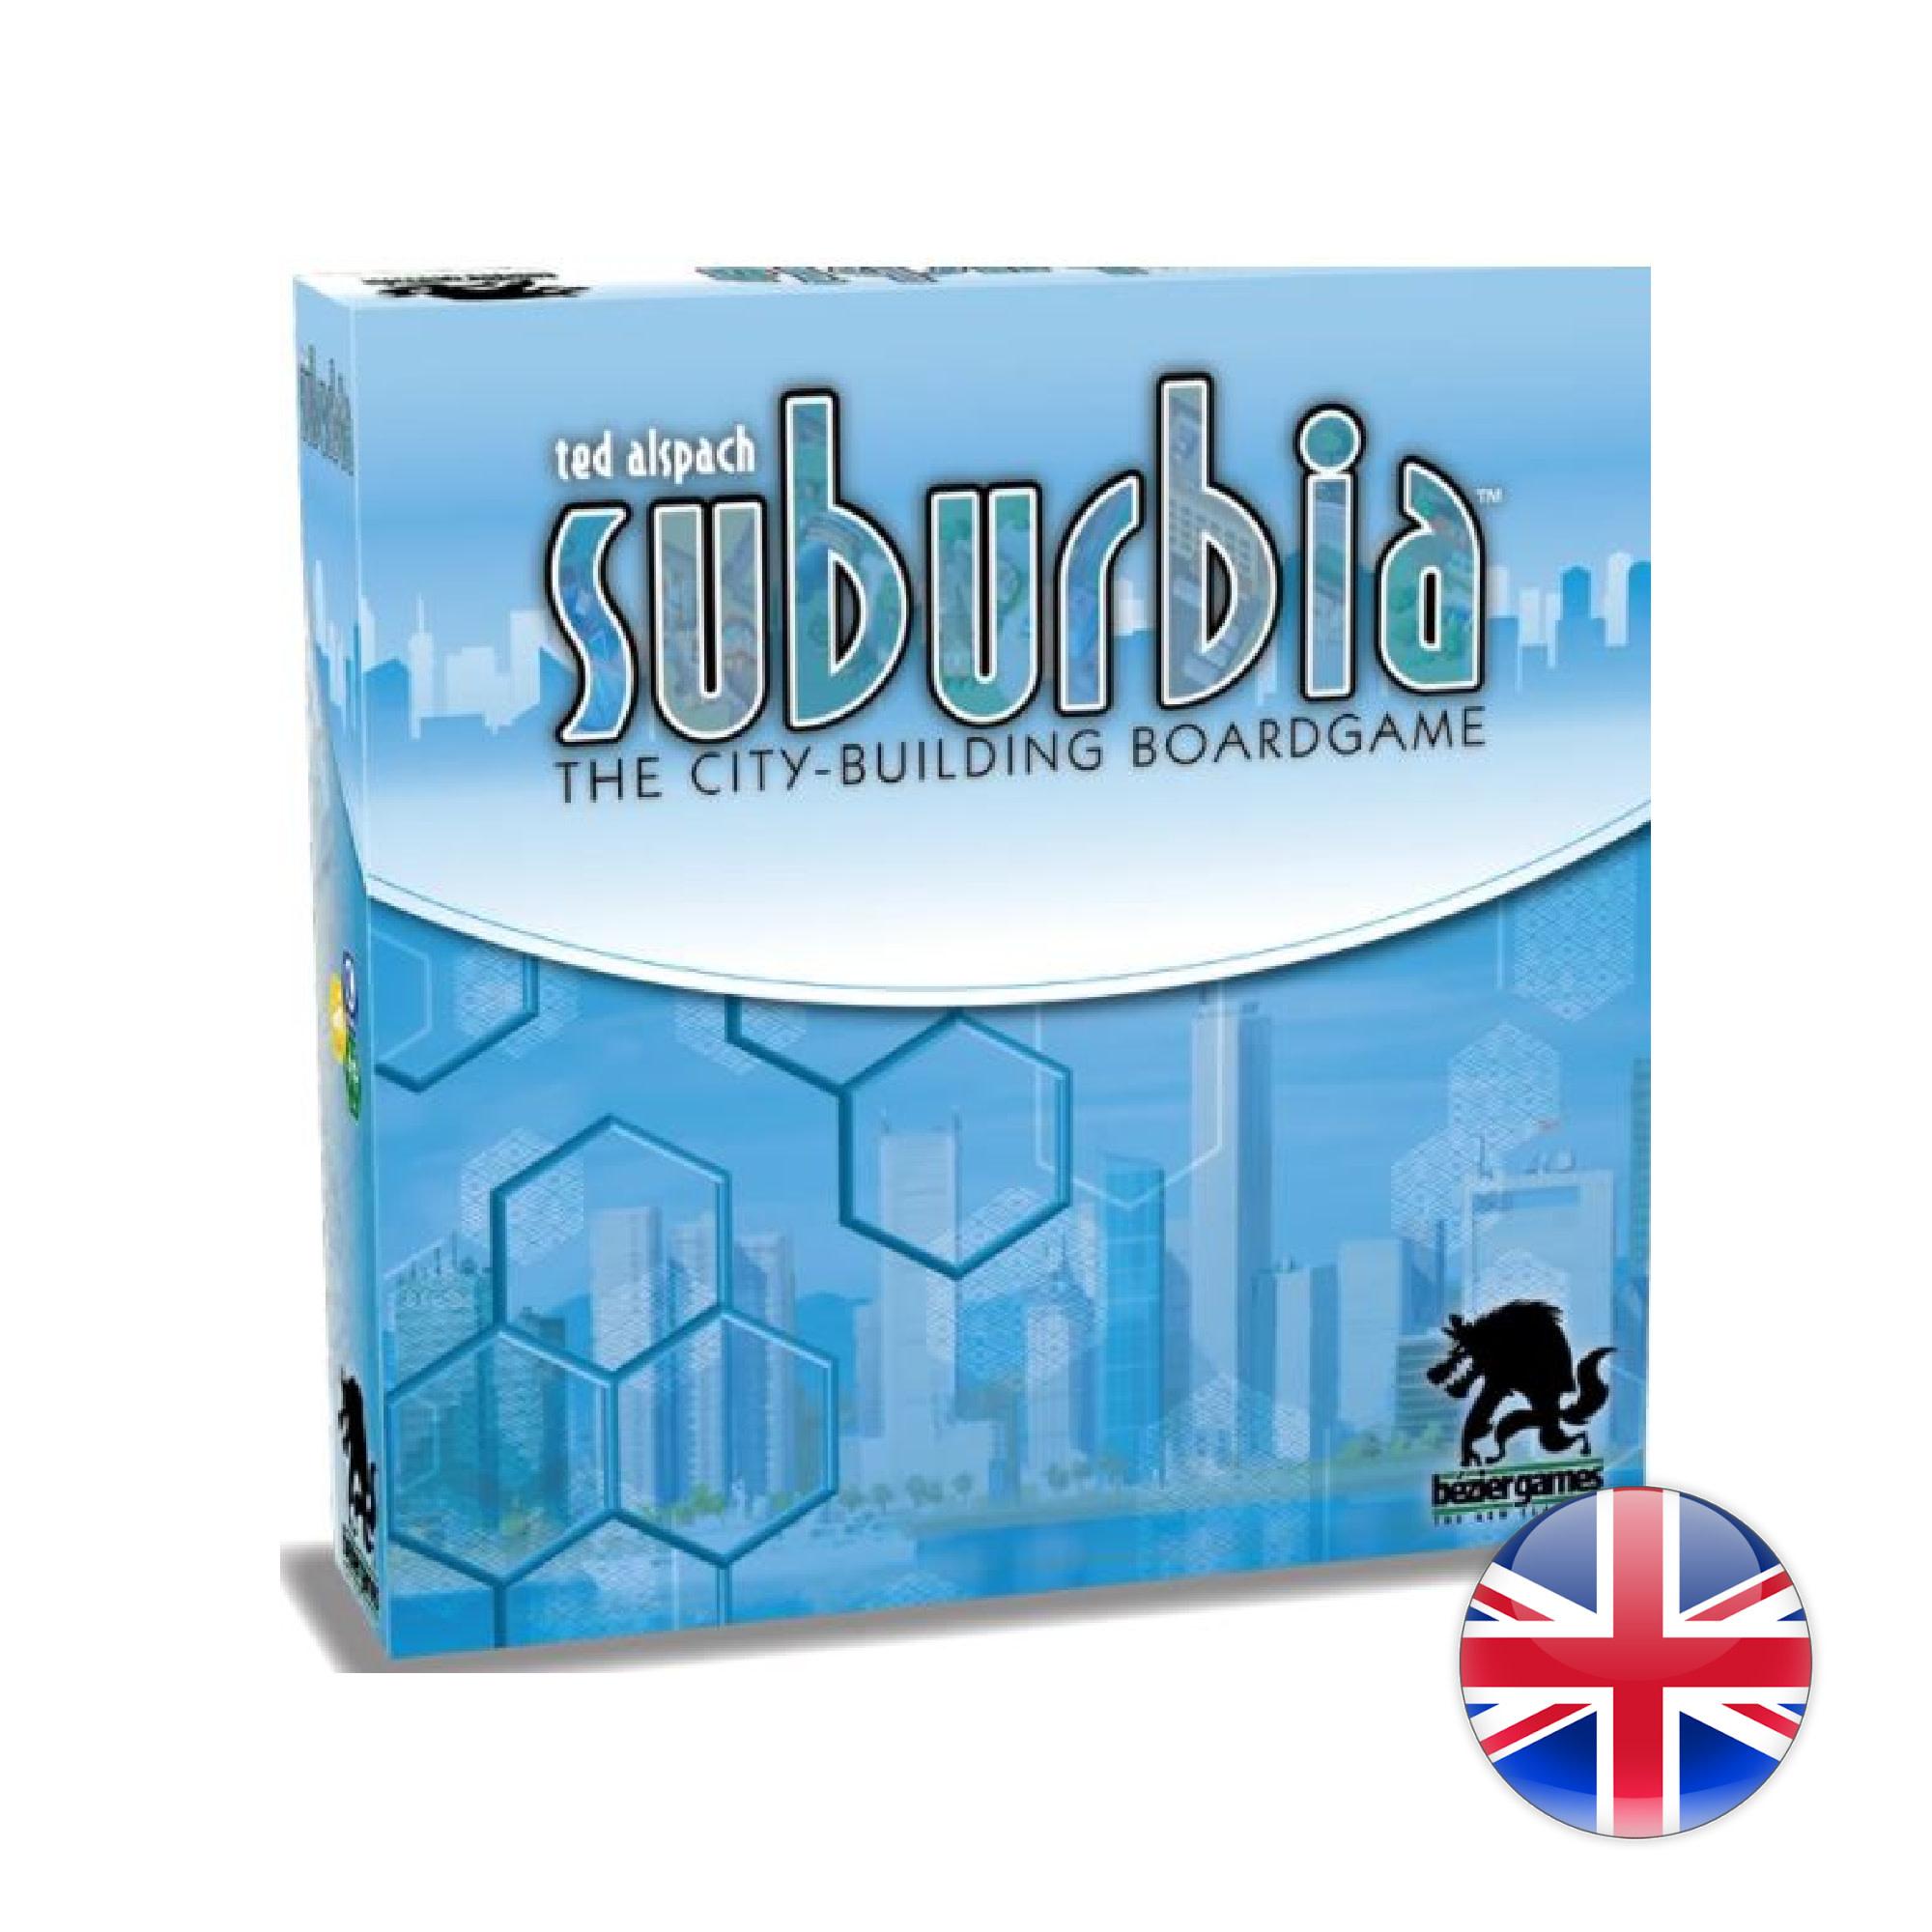 Bezier games Suburbia VA